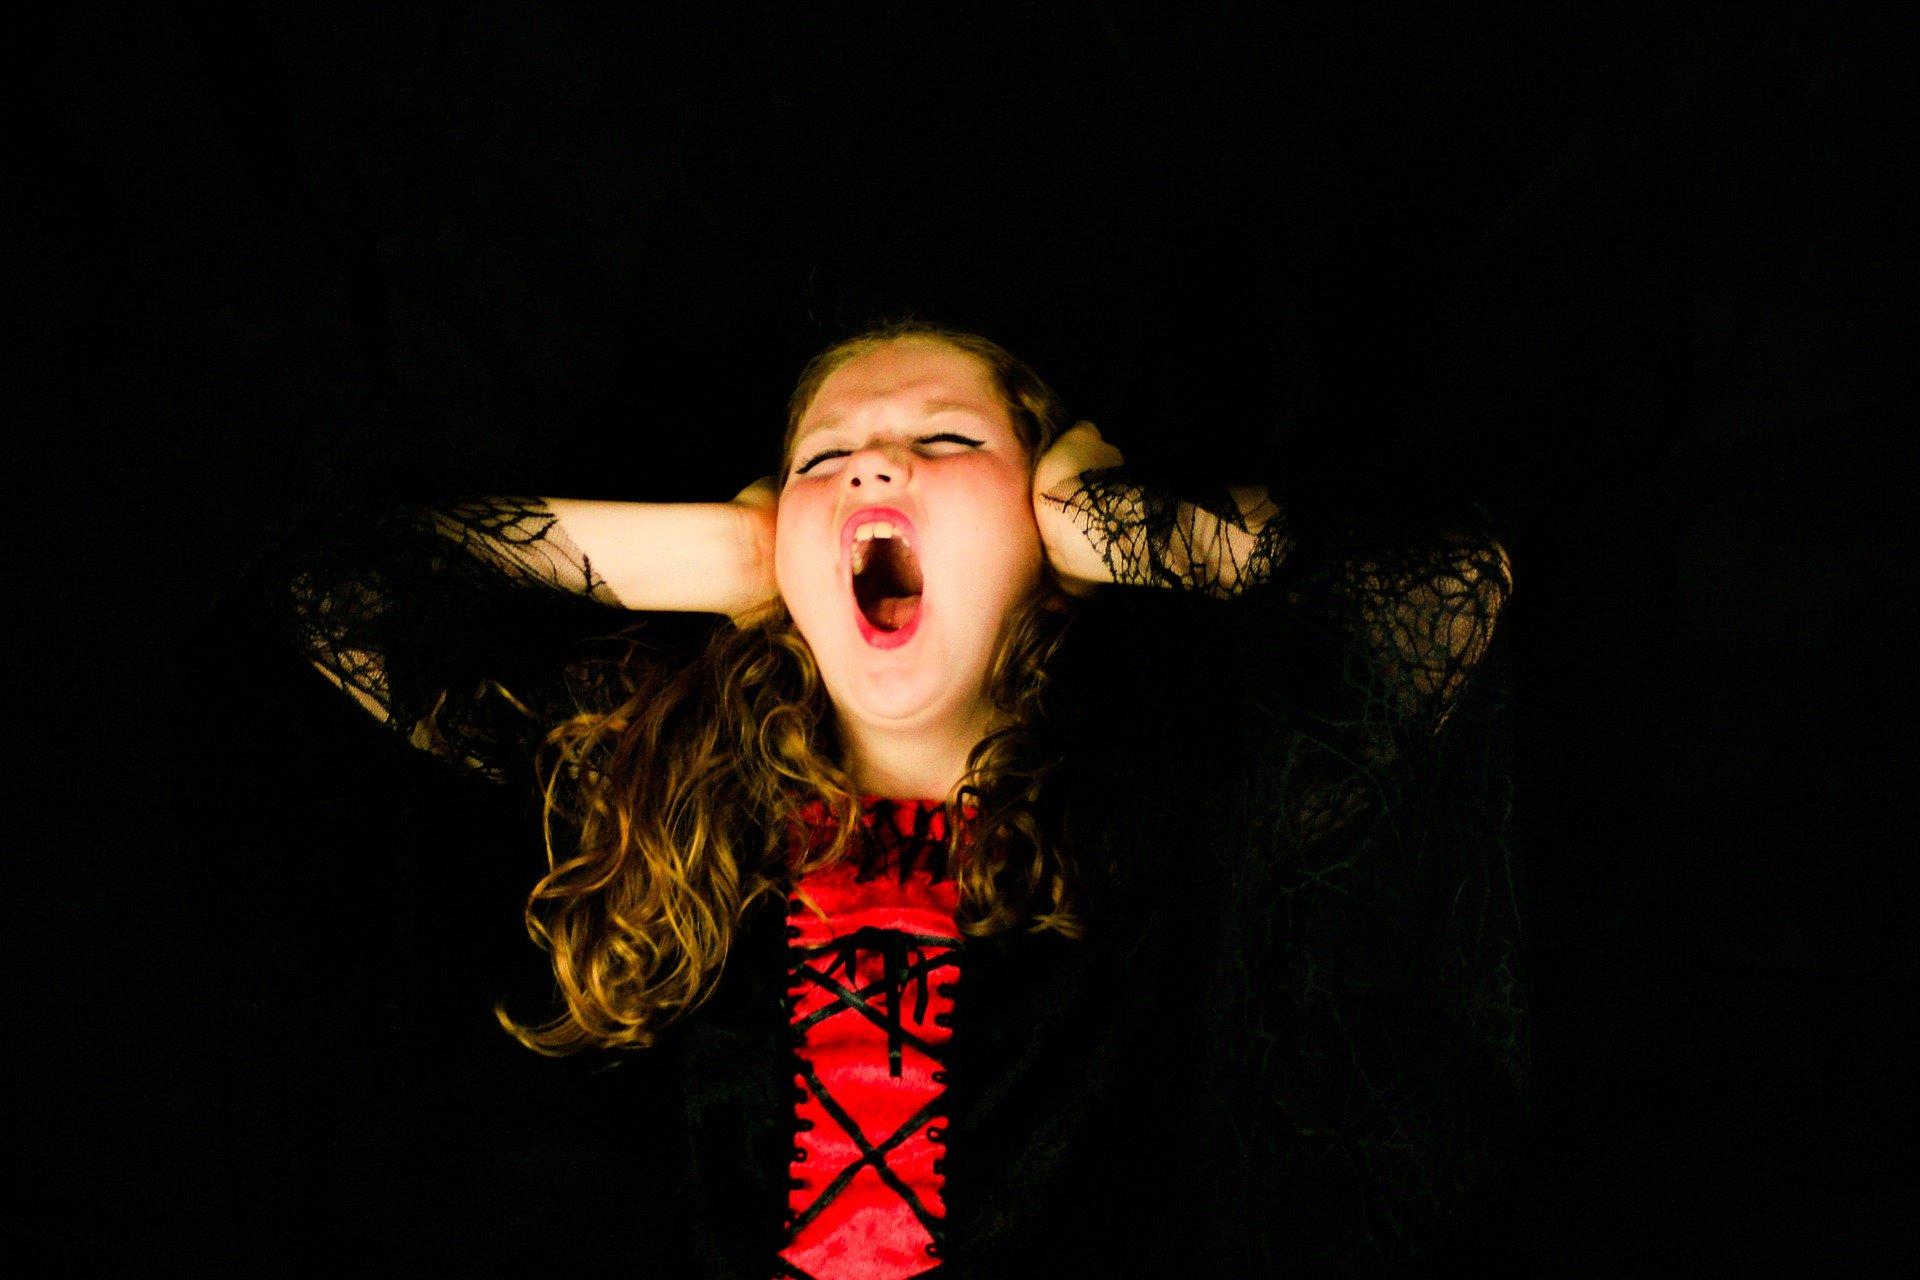 Emocje wpływają na pracę ludzi to temat rzeka. Złość, zazdrość, strach, ale i biurowa miłość potrafią być wyzwaniem dla zarządzających zespołami w każdej branży (fot. pixabay.com)